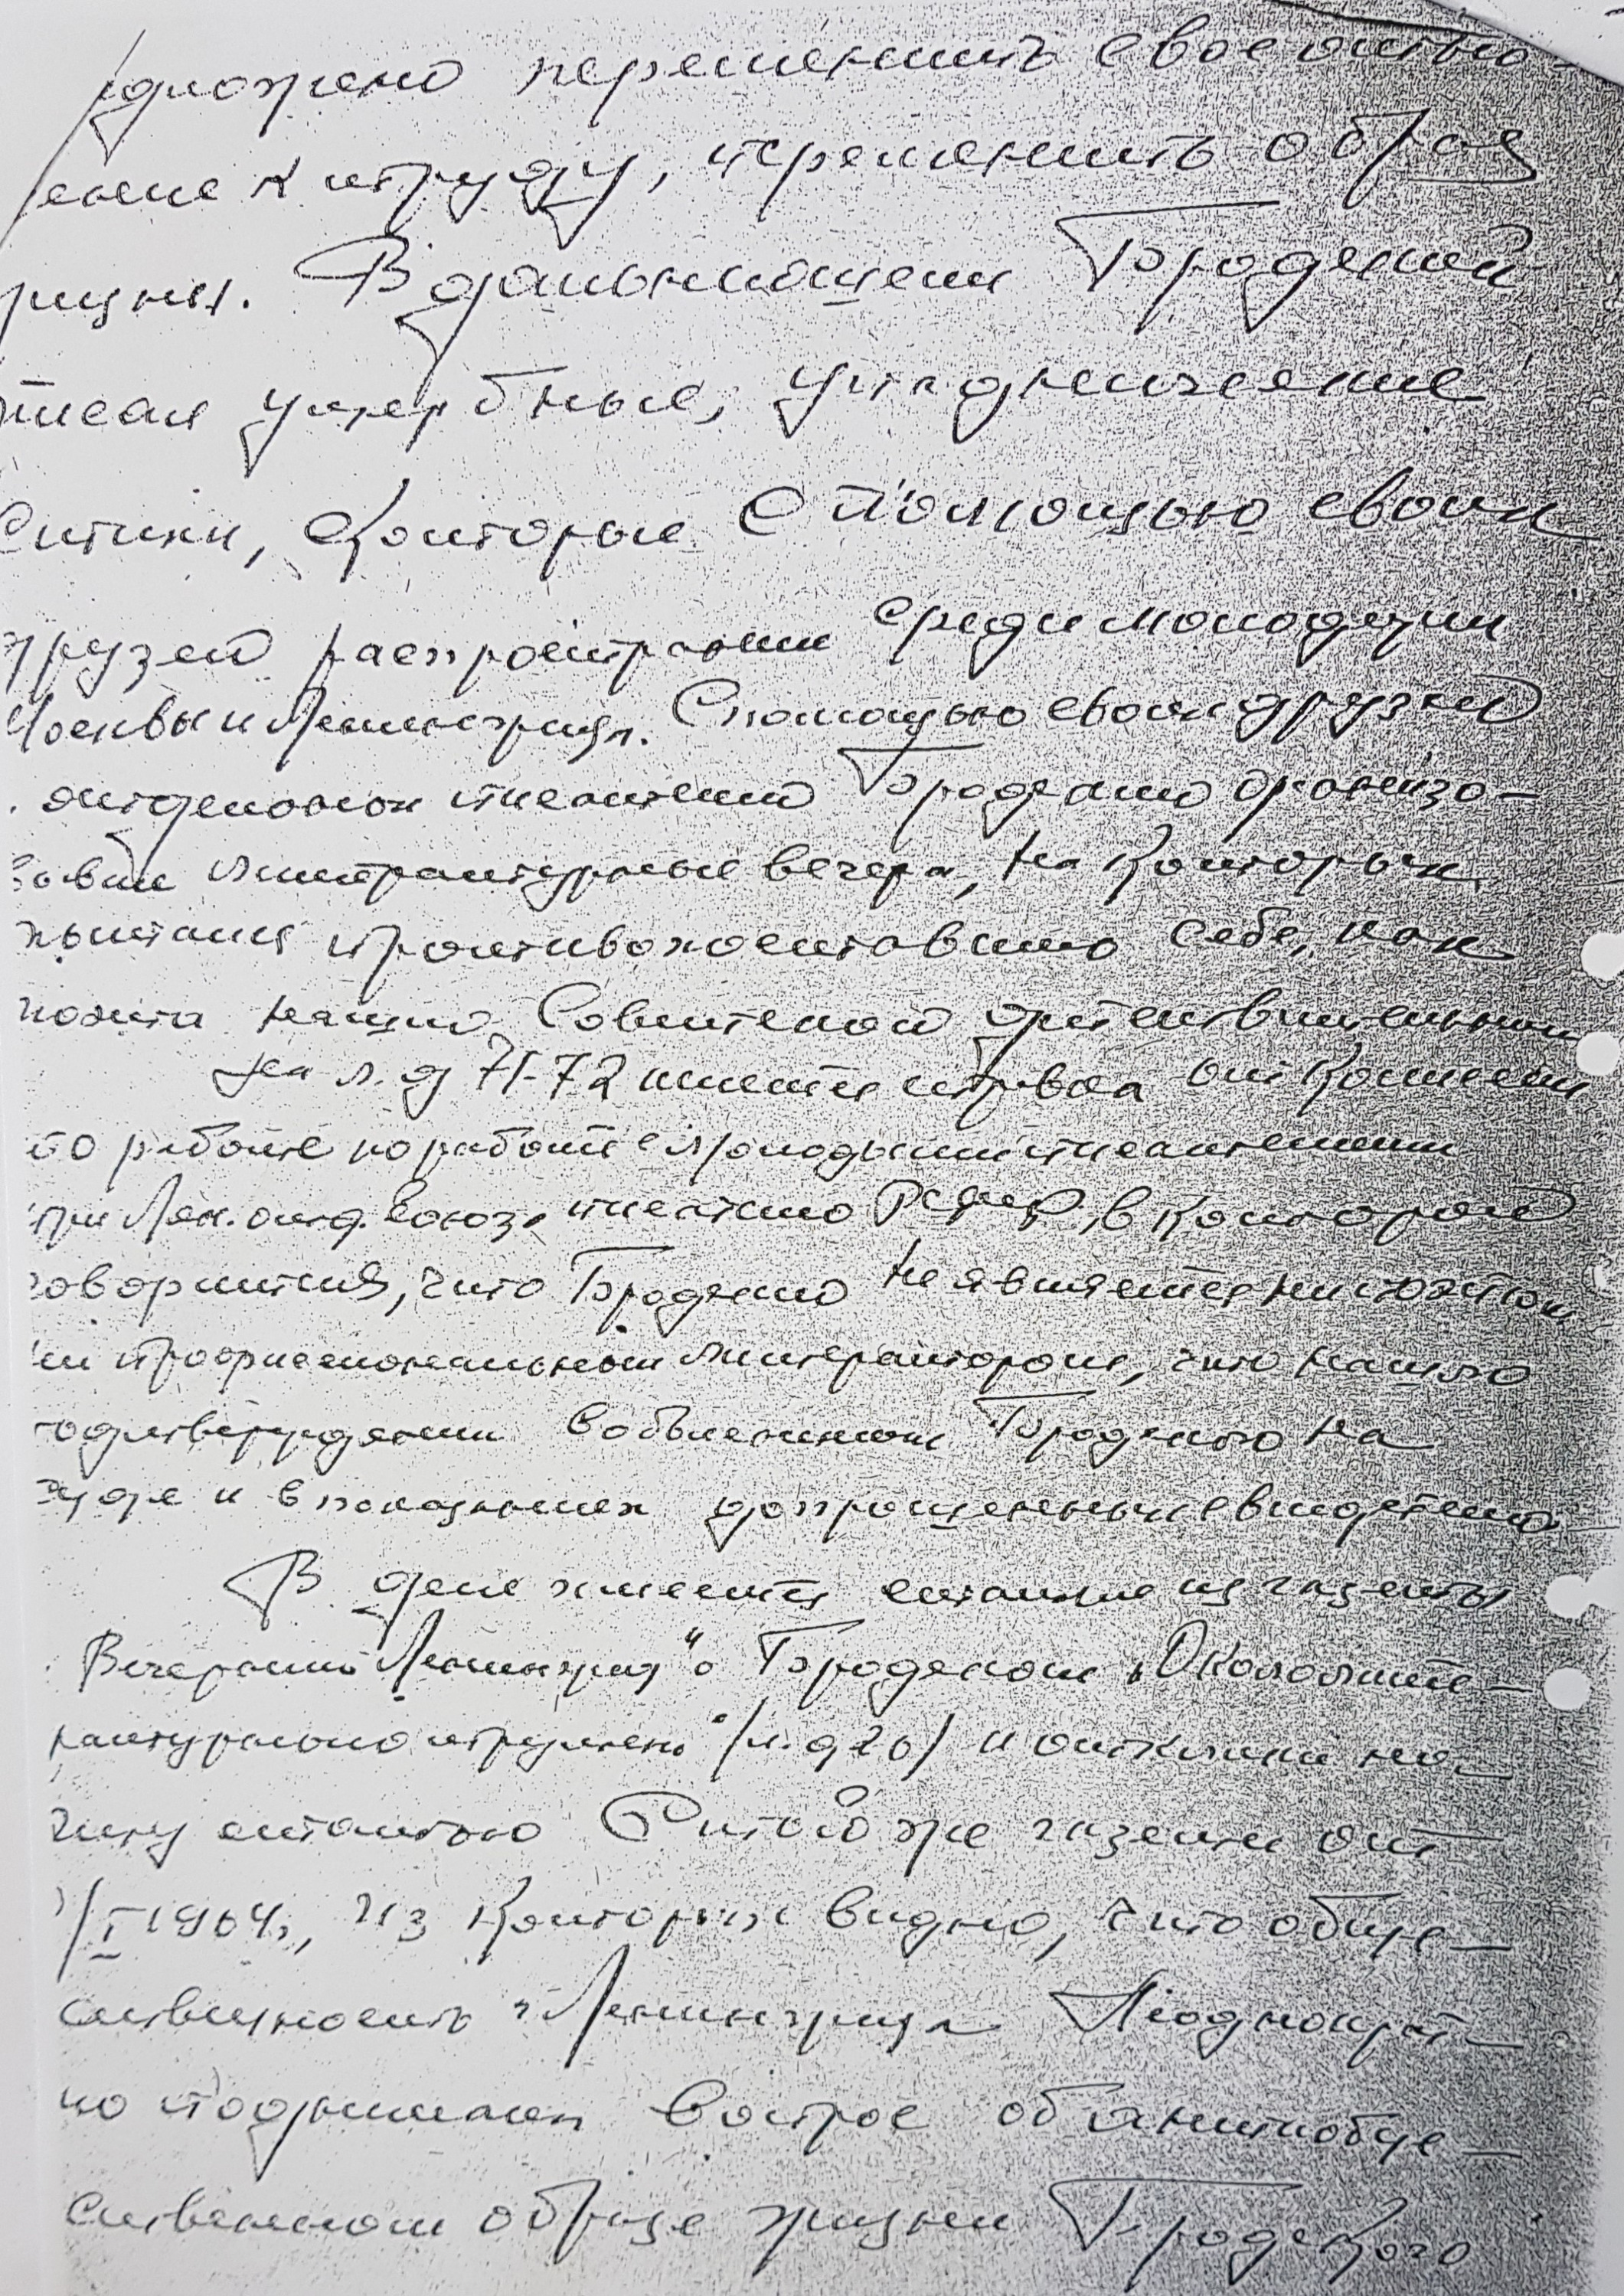 Постановление народного суда Дзержинского района Ленинграда 13 марта 1964 года, которым Бродский признается тунеядцем и высылается из города на пять лет